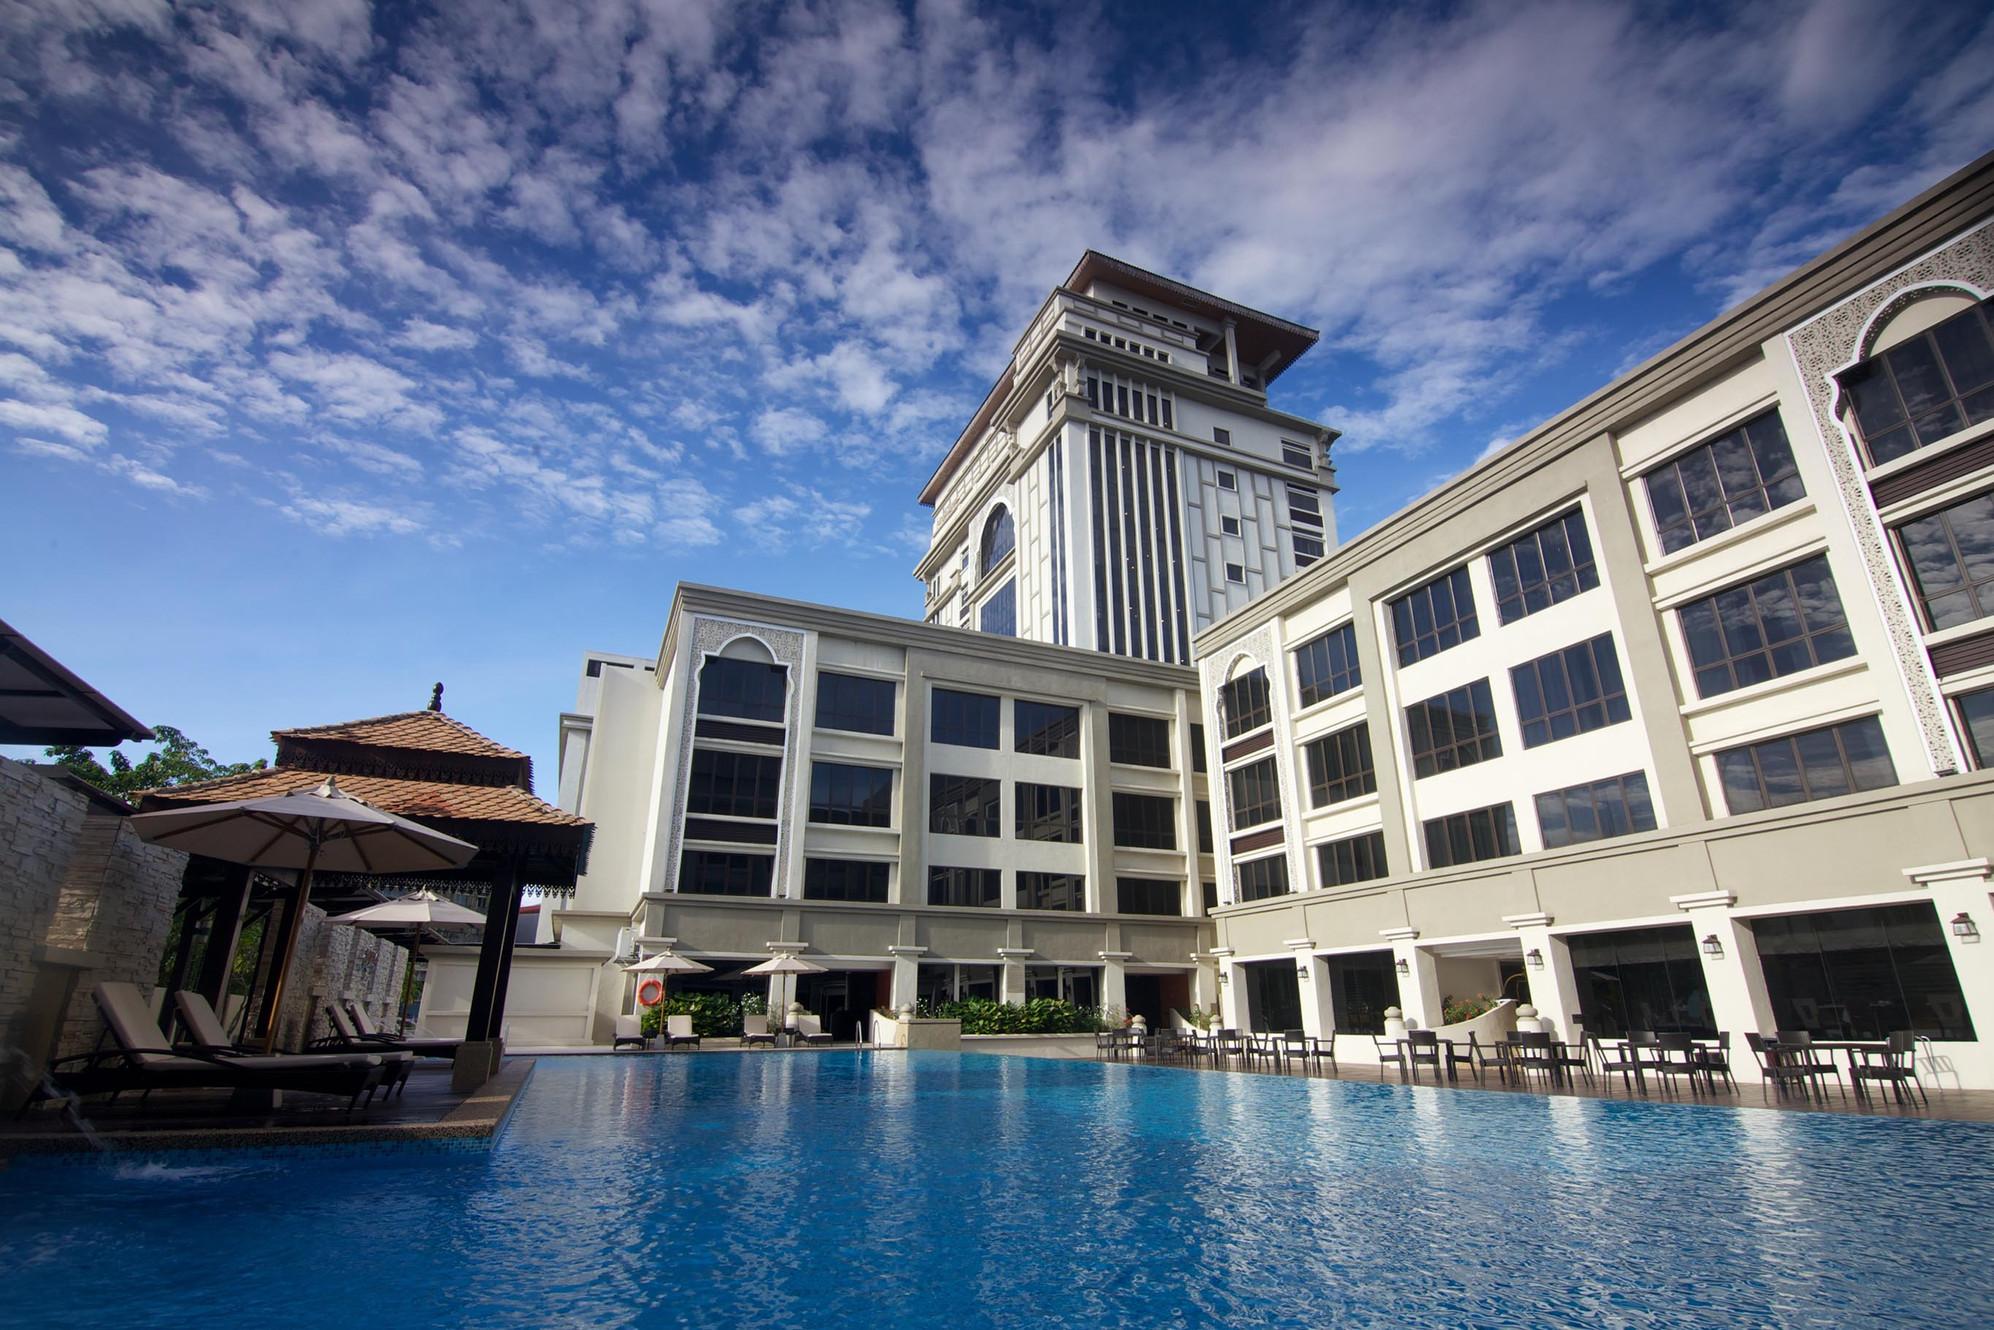 Luxury hotel hotel in Kelantan, Kota Bharu